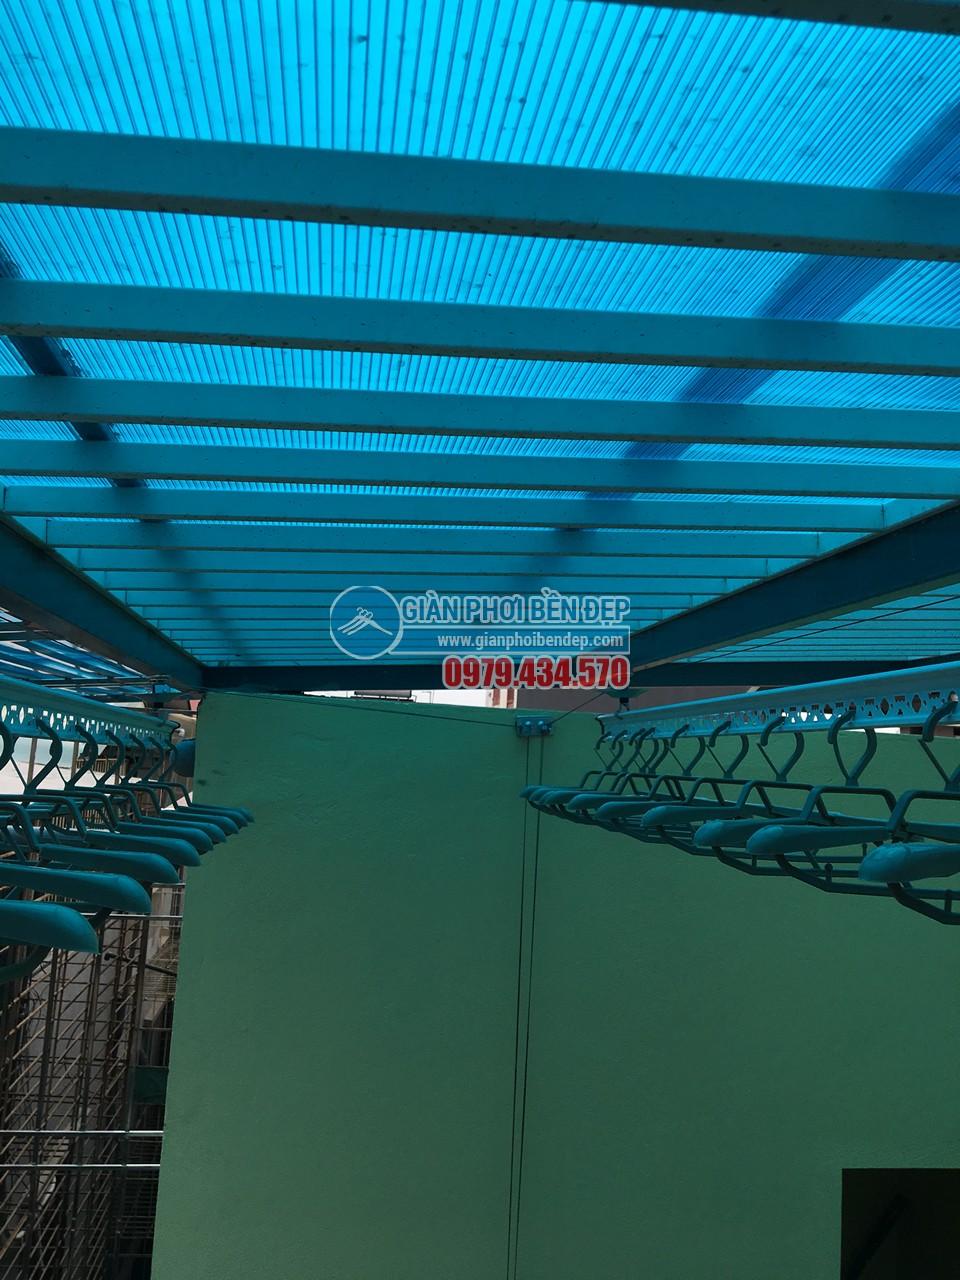 Loạt ảnh cận cảnh về sự thay đổi của sân phơi với giàn phơi thông minh nhà chị Mai, KĐT Mỗ Lao - 04